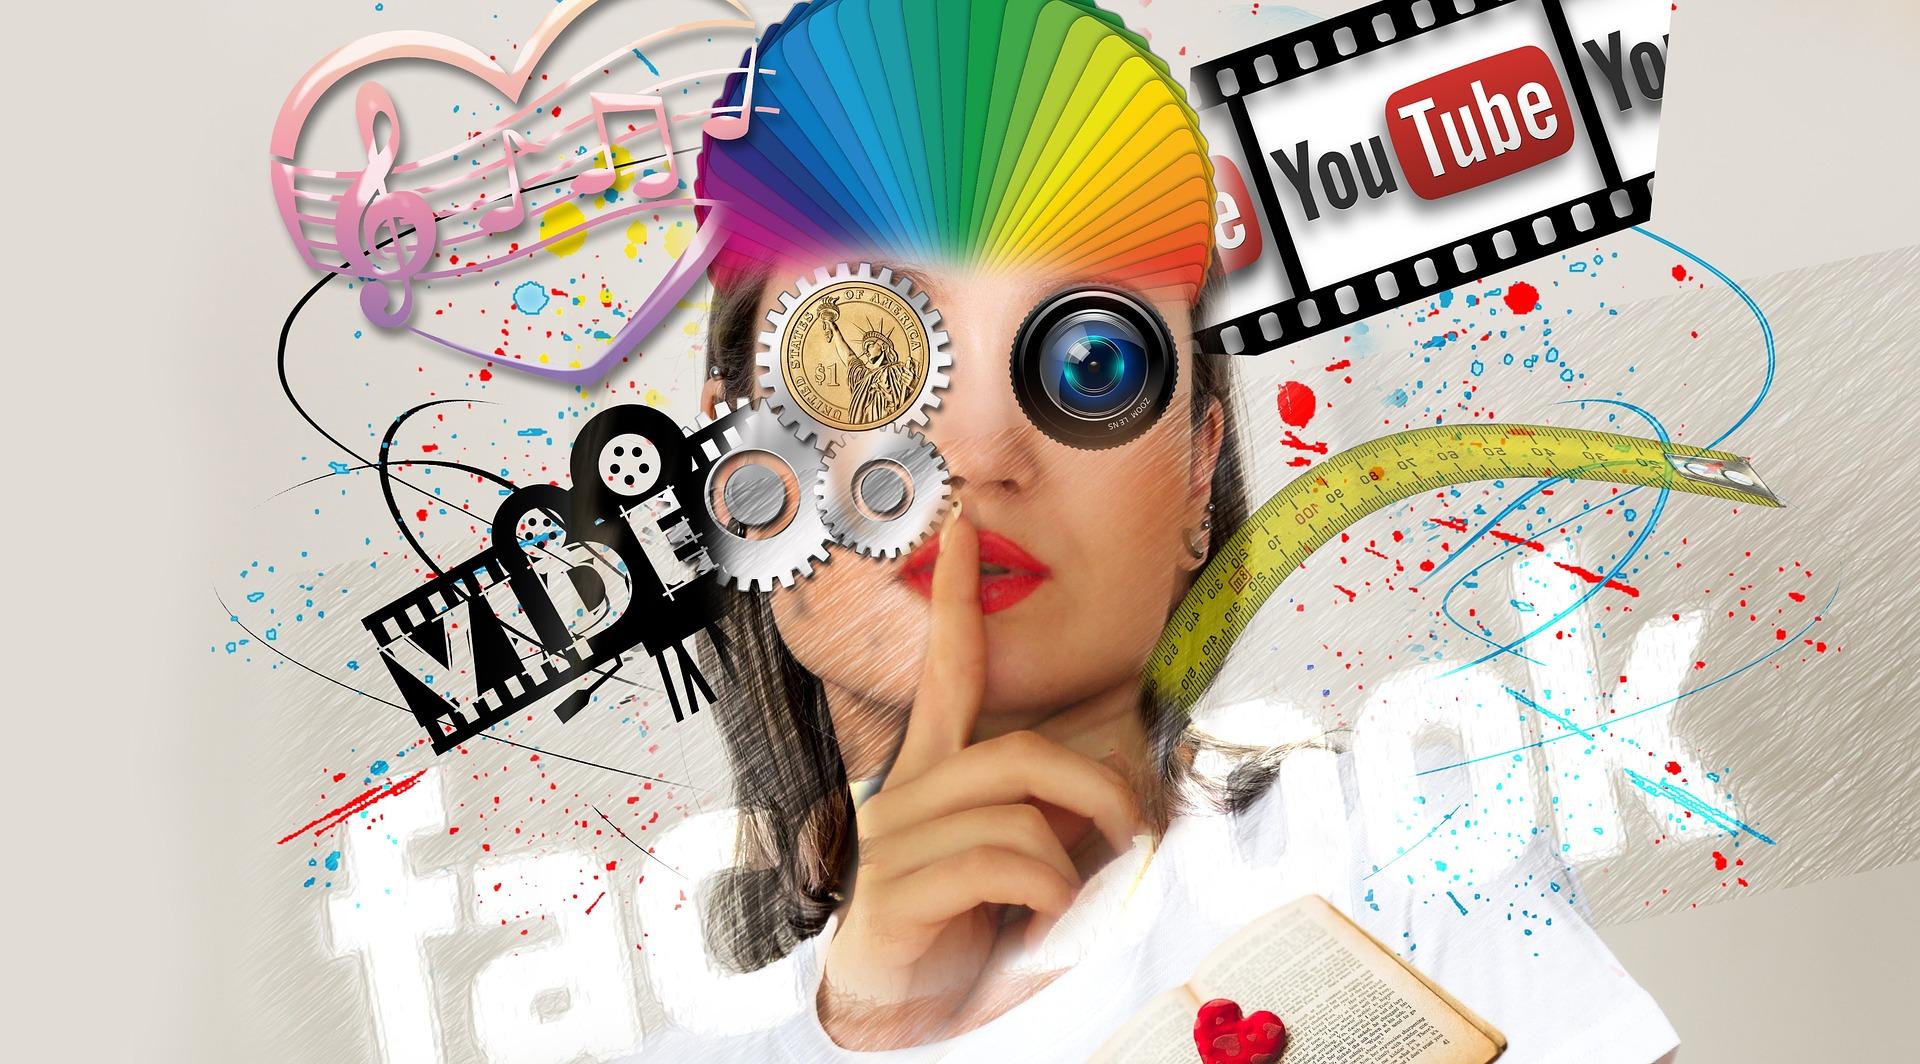 מחפש מנהל דיגיטל